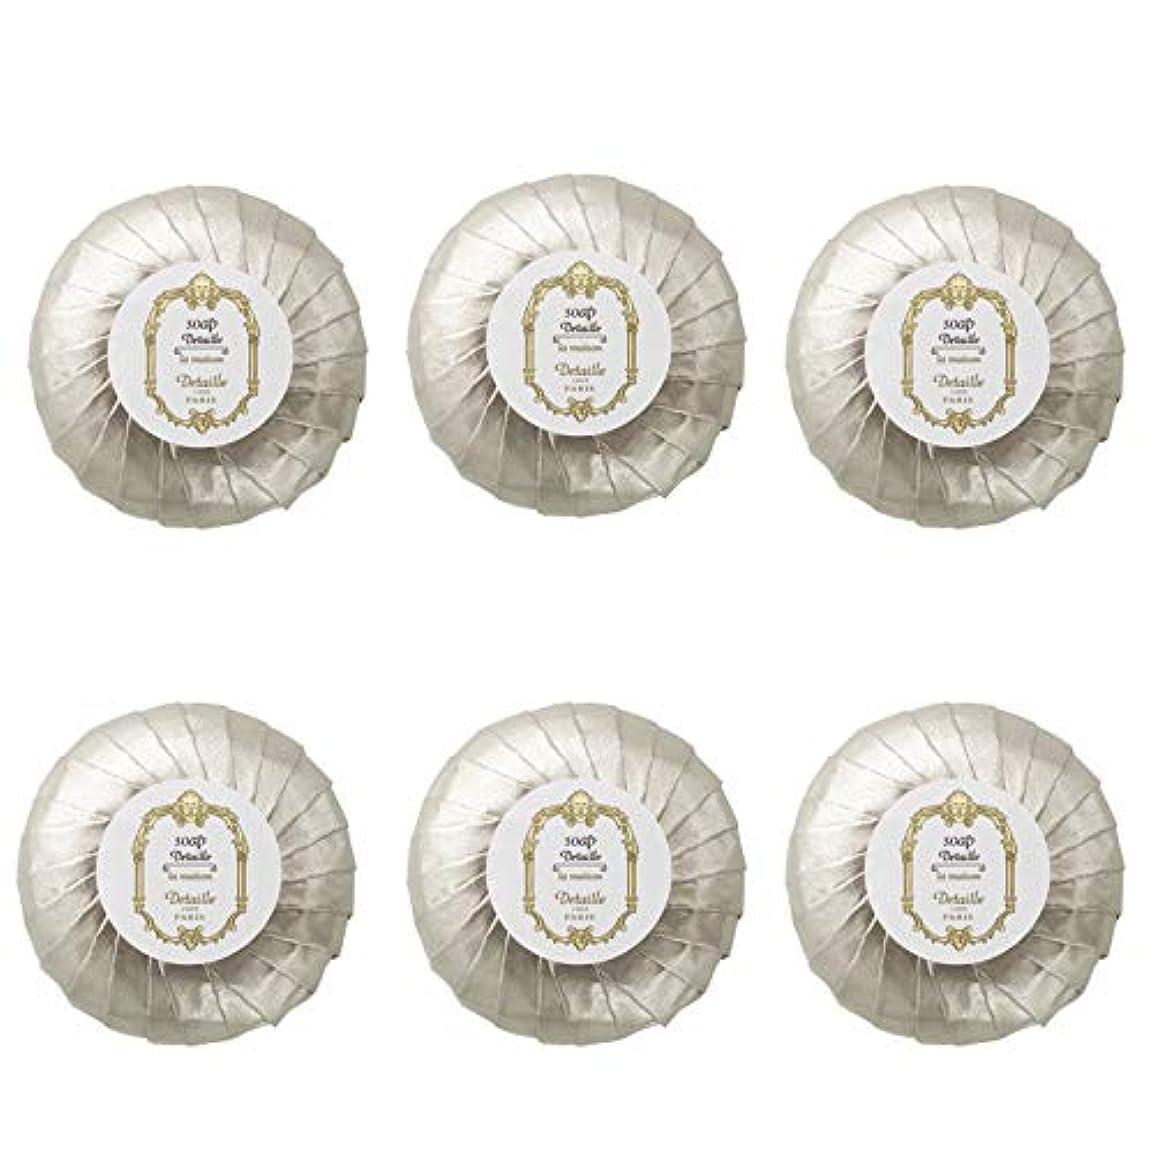 絡まる満州ウッズPOLA デタイユ ラ メゾン スキンソープ 固形石鹸 (プリーツ包装) 50g×6個